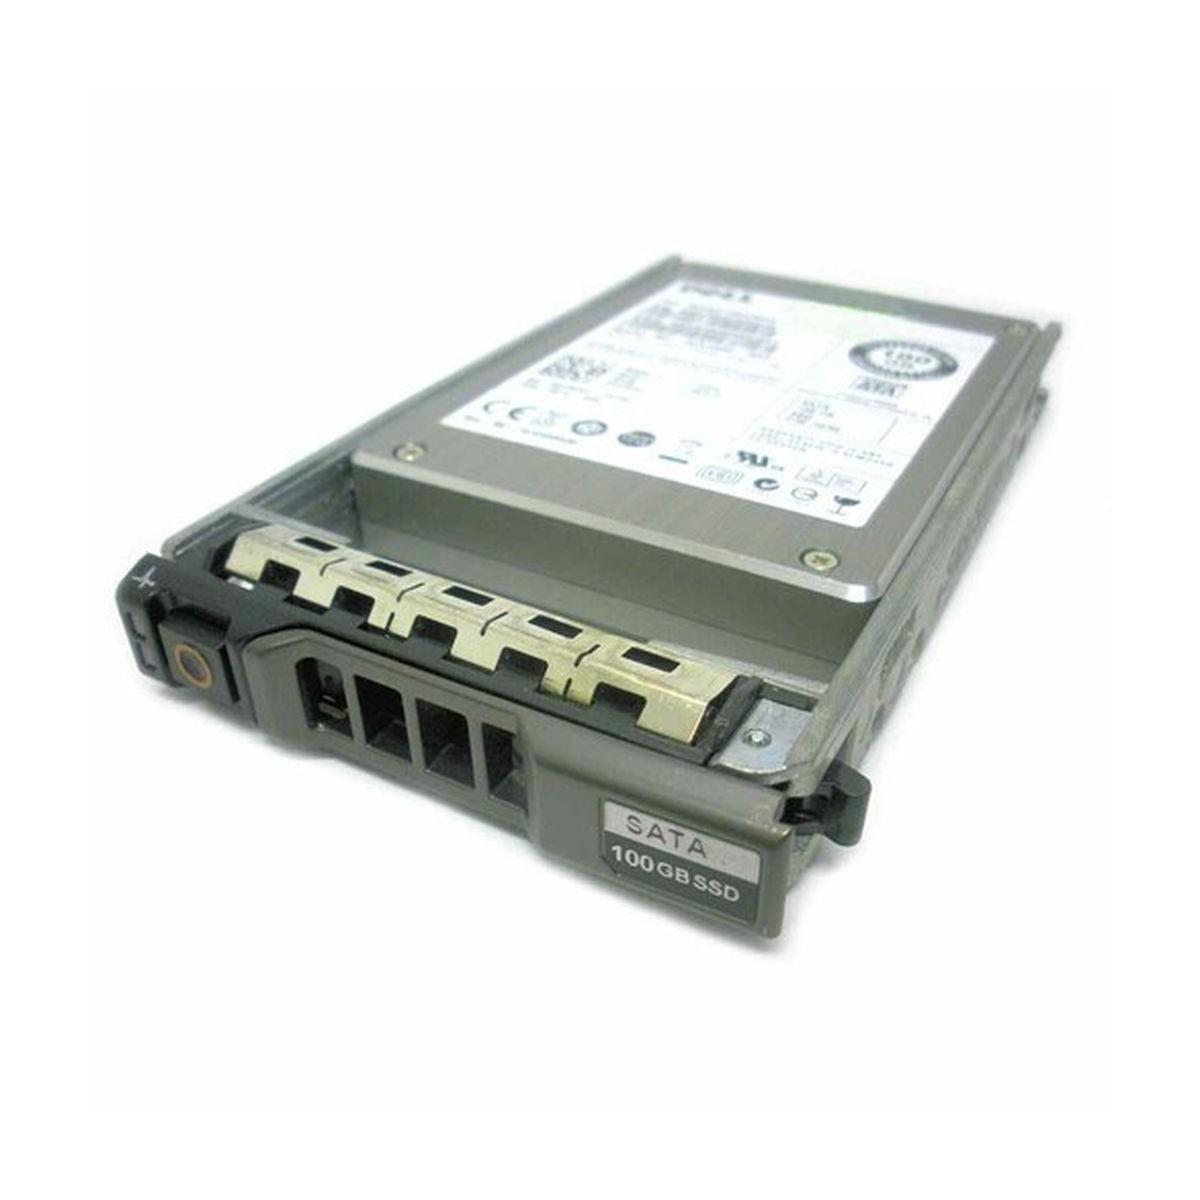 PAMIEC NANYA 4GB 2Rx4 PC2-5300F-555-1 667MHZ ECC